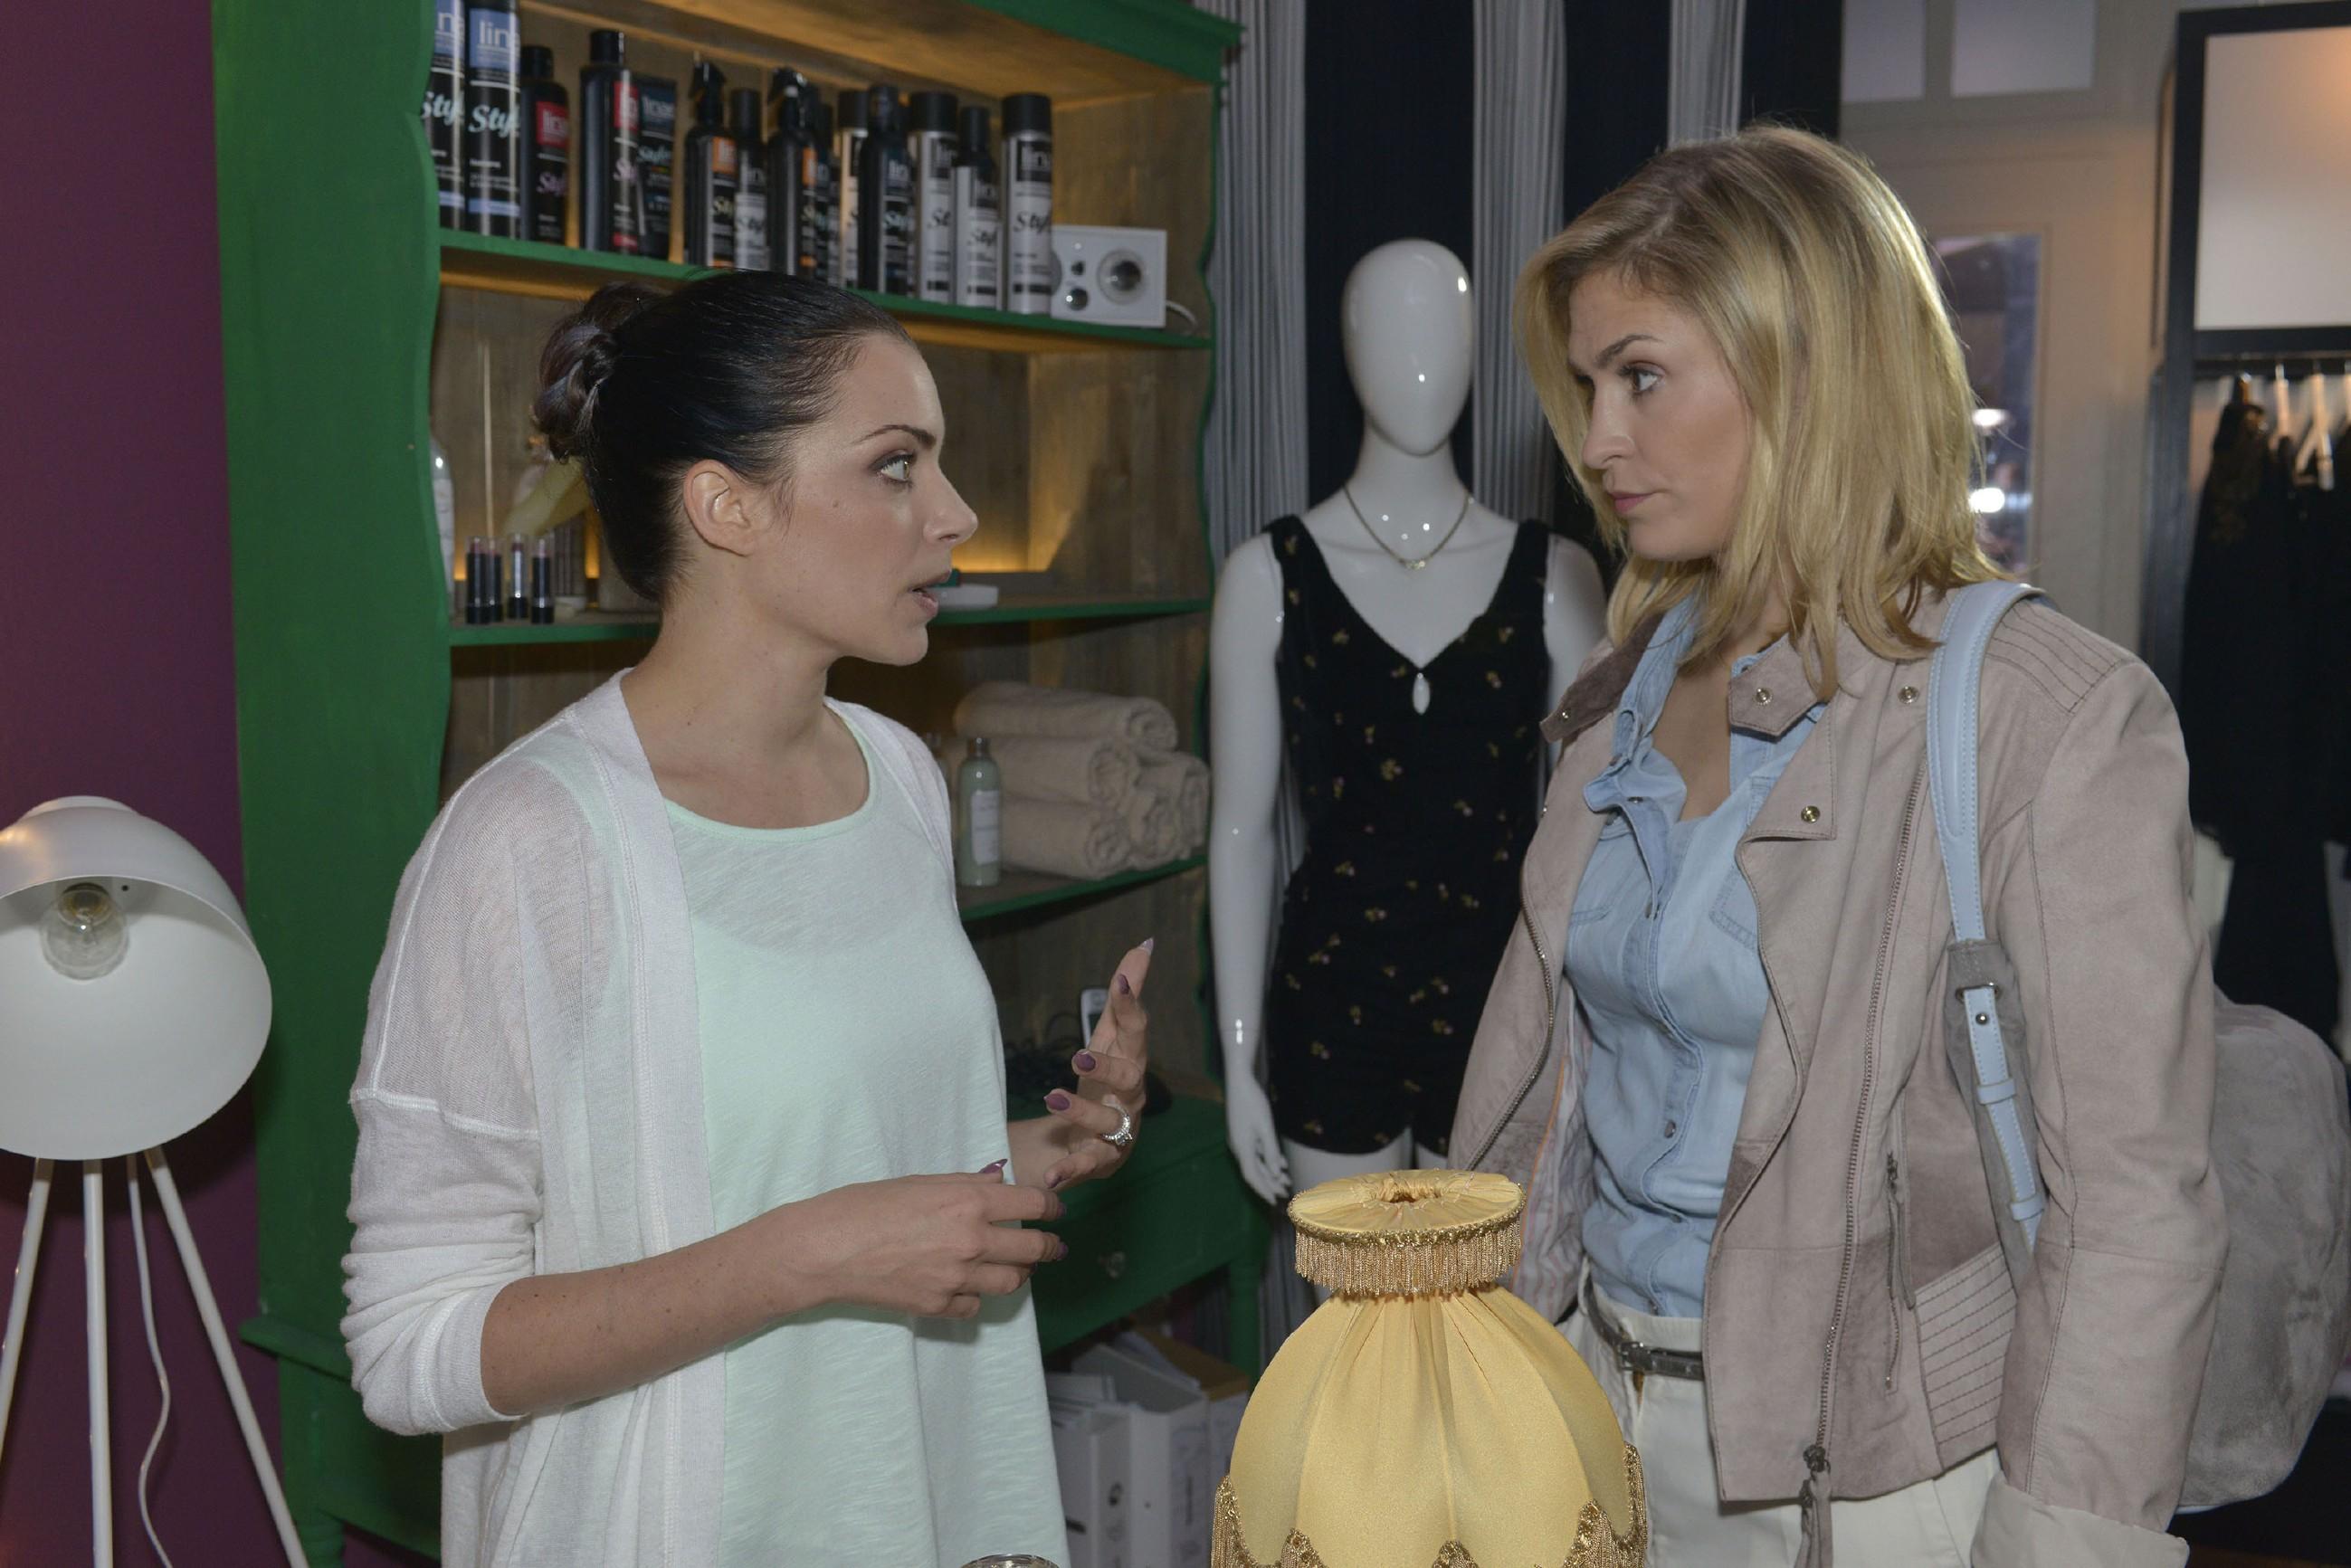 Emily (Anne Menden, l.) kann nicht verstehen, dass Sophie (Lea Marlen Woitack) Tussi Attack verlassen möchte, um das Angebot von City Stylz anzunehmen. (Quelle:RTL / Rolf Baumgartner)